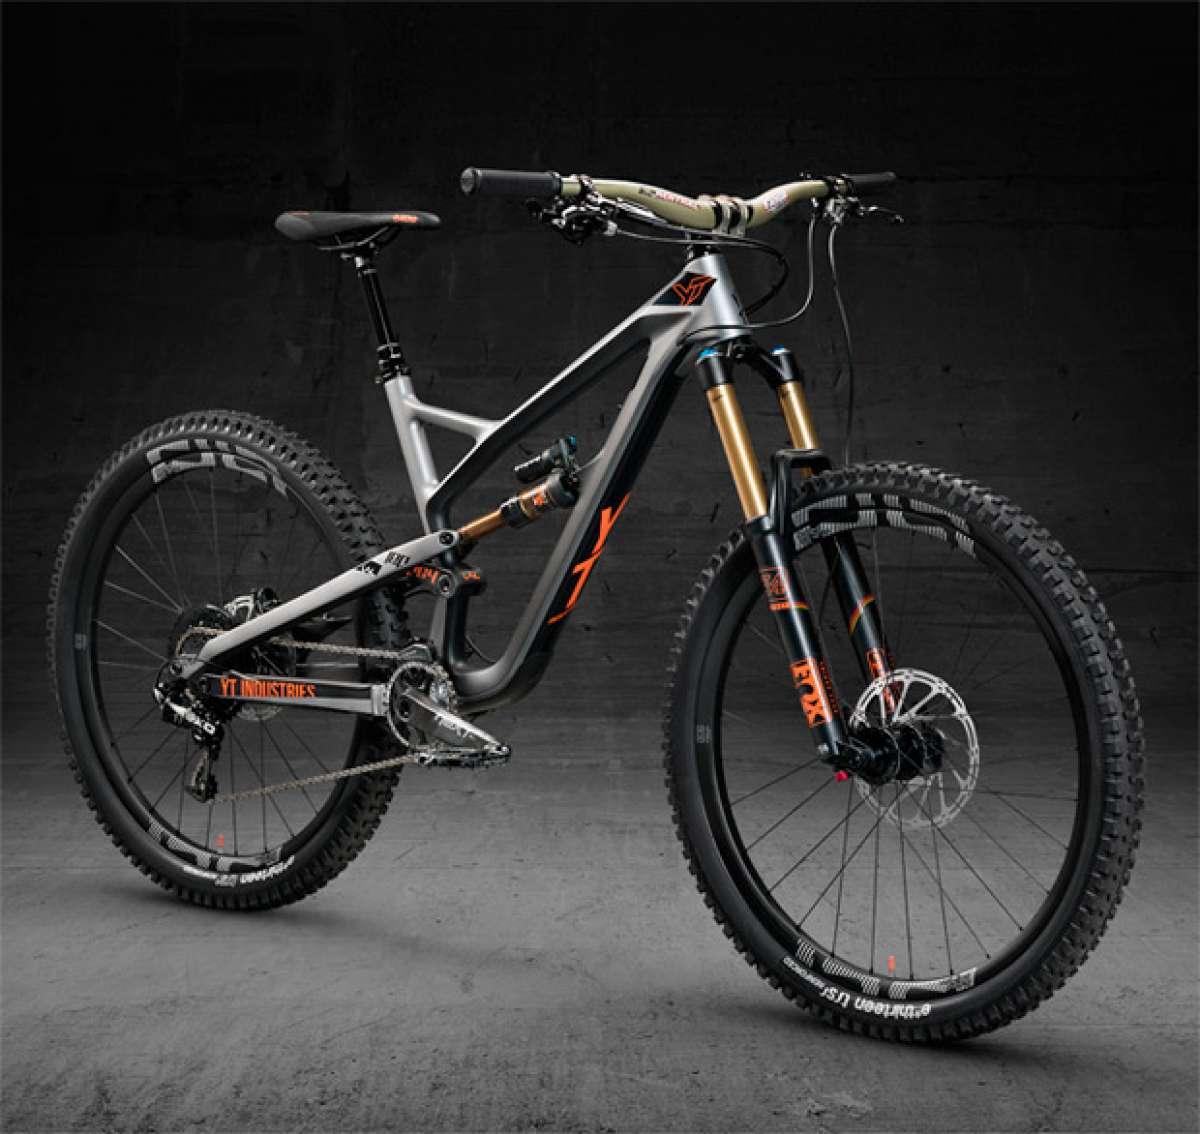 En TodoMountainBike: YT Jeffsy 27, ruedas de 27.5 pulgadas para la bicicleta más polivalente de la firma